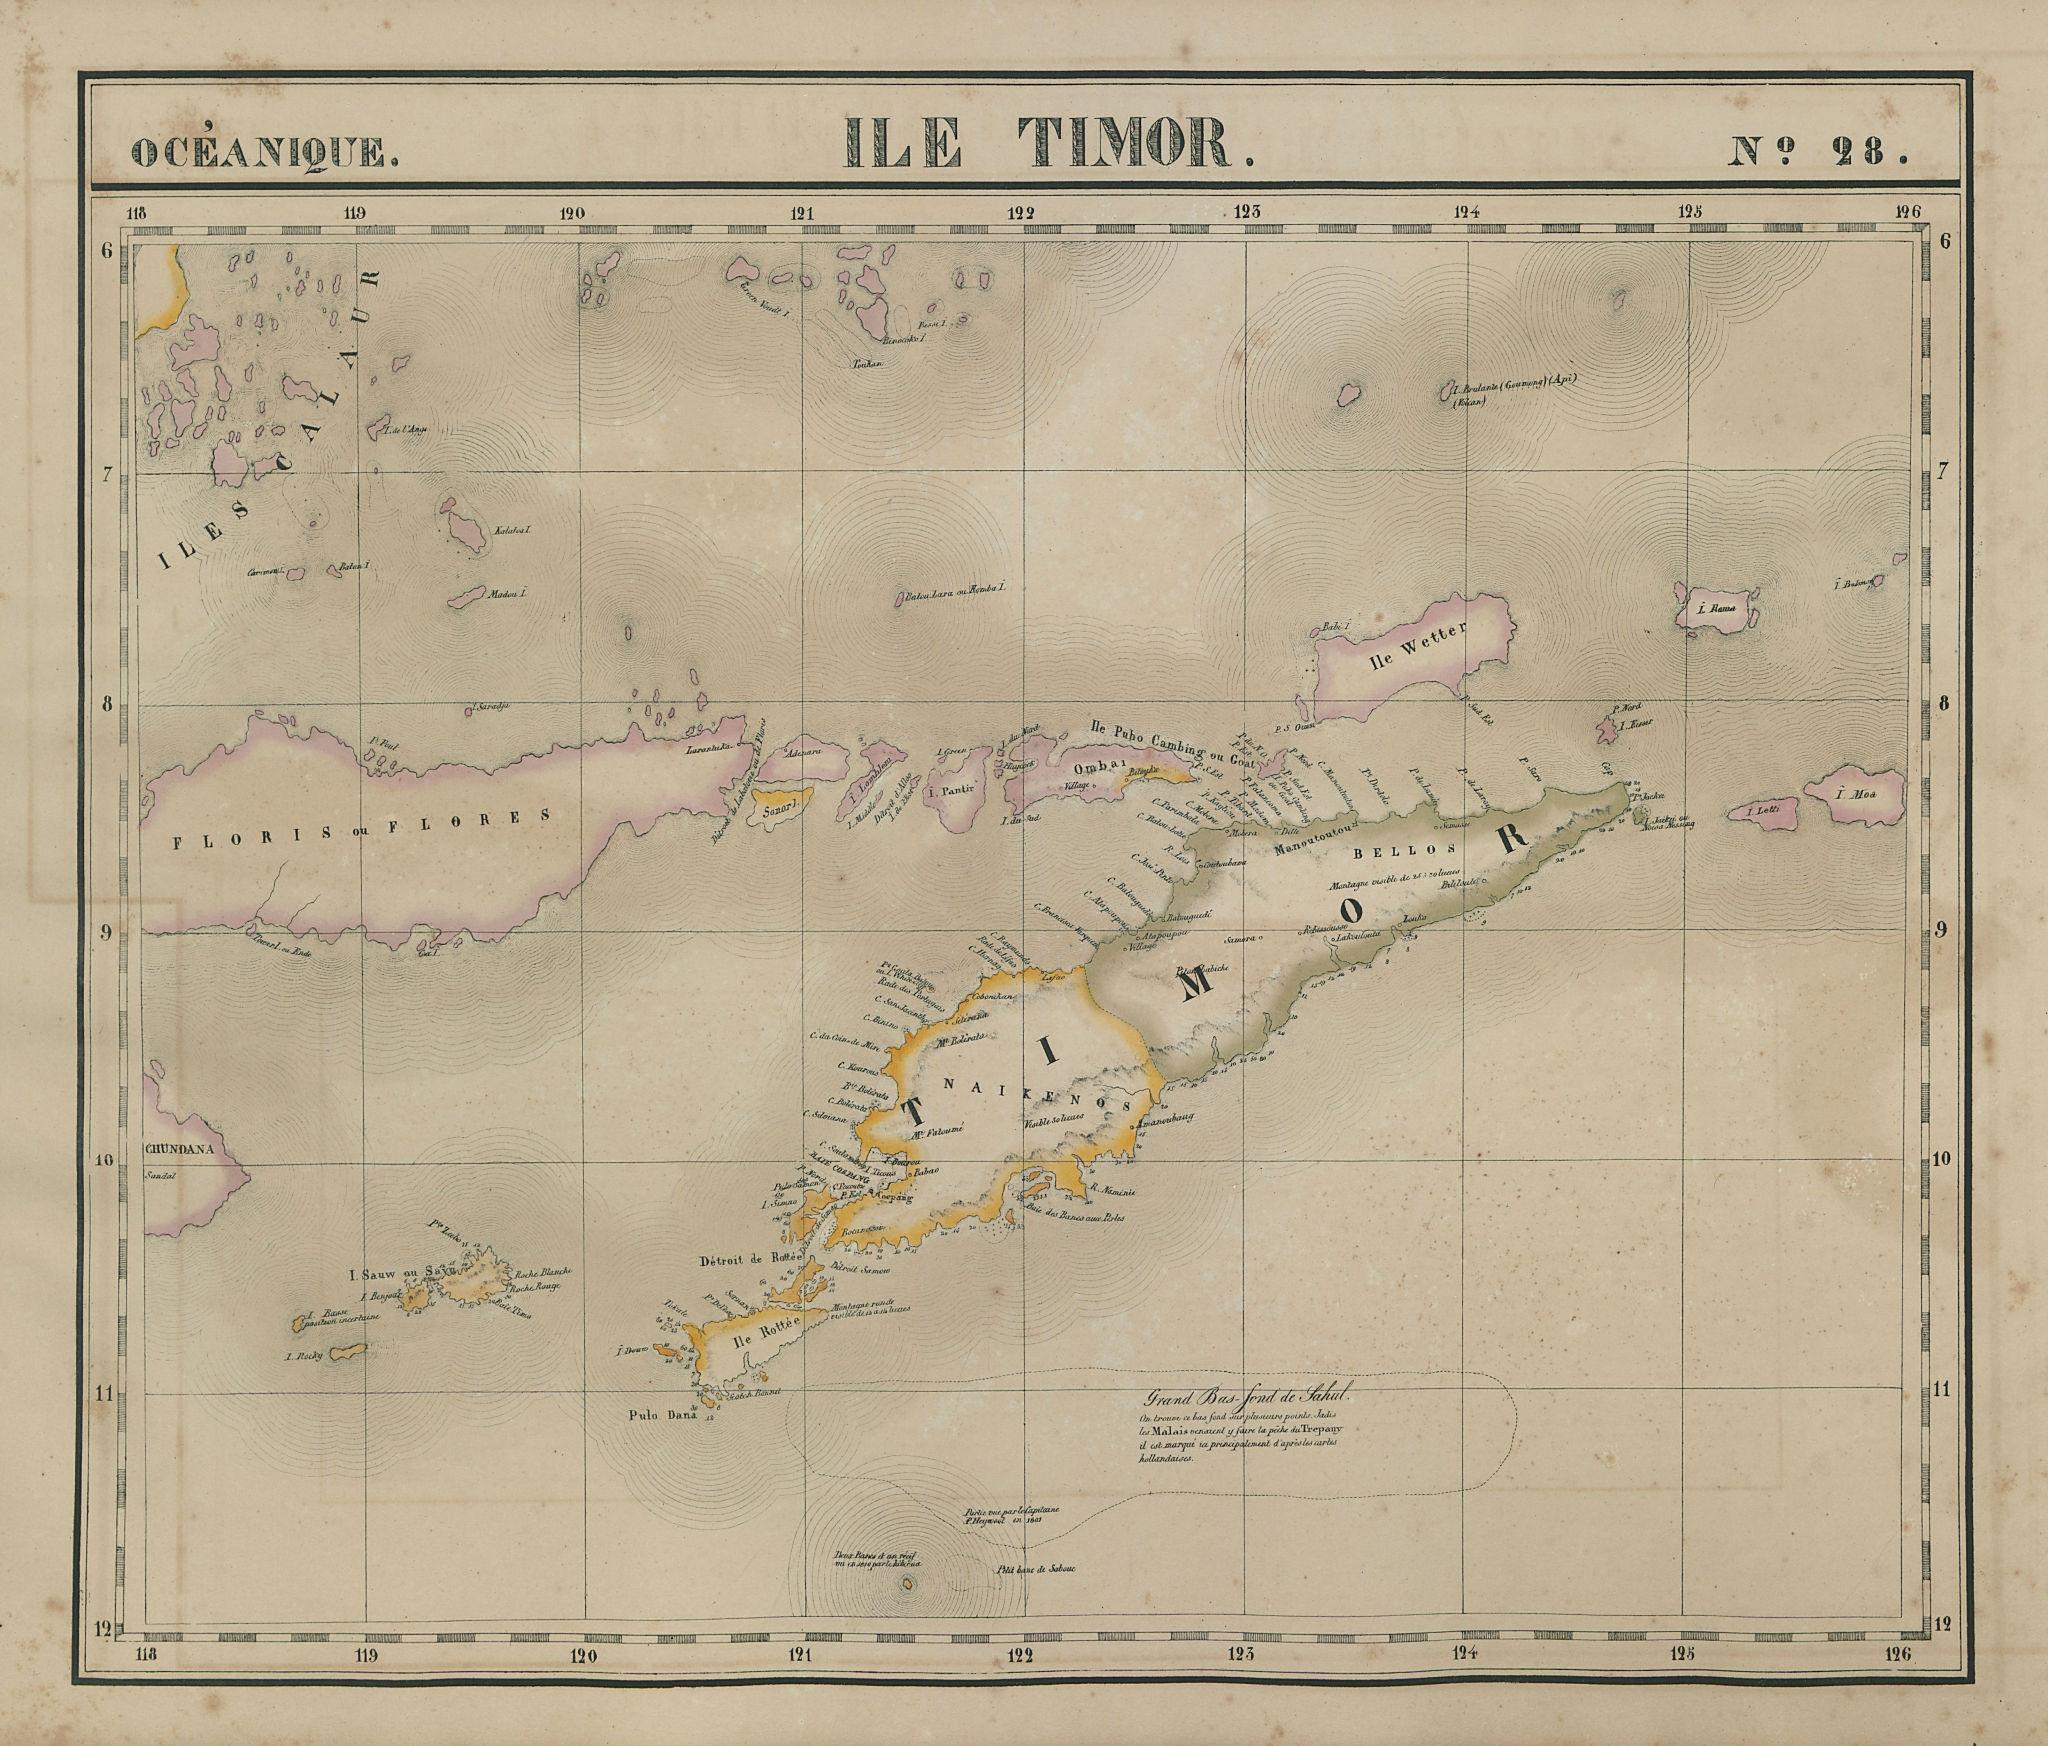 Océanique. Ile Timor #28. Flores. Lesser Sunda Islands. VANDERMAELEN 1827 map